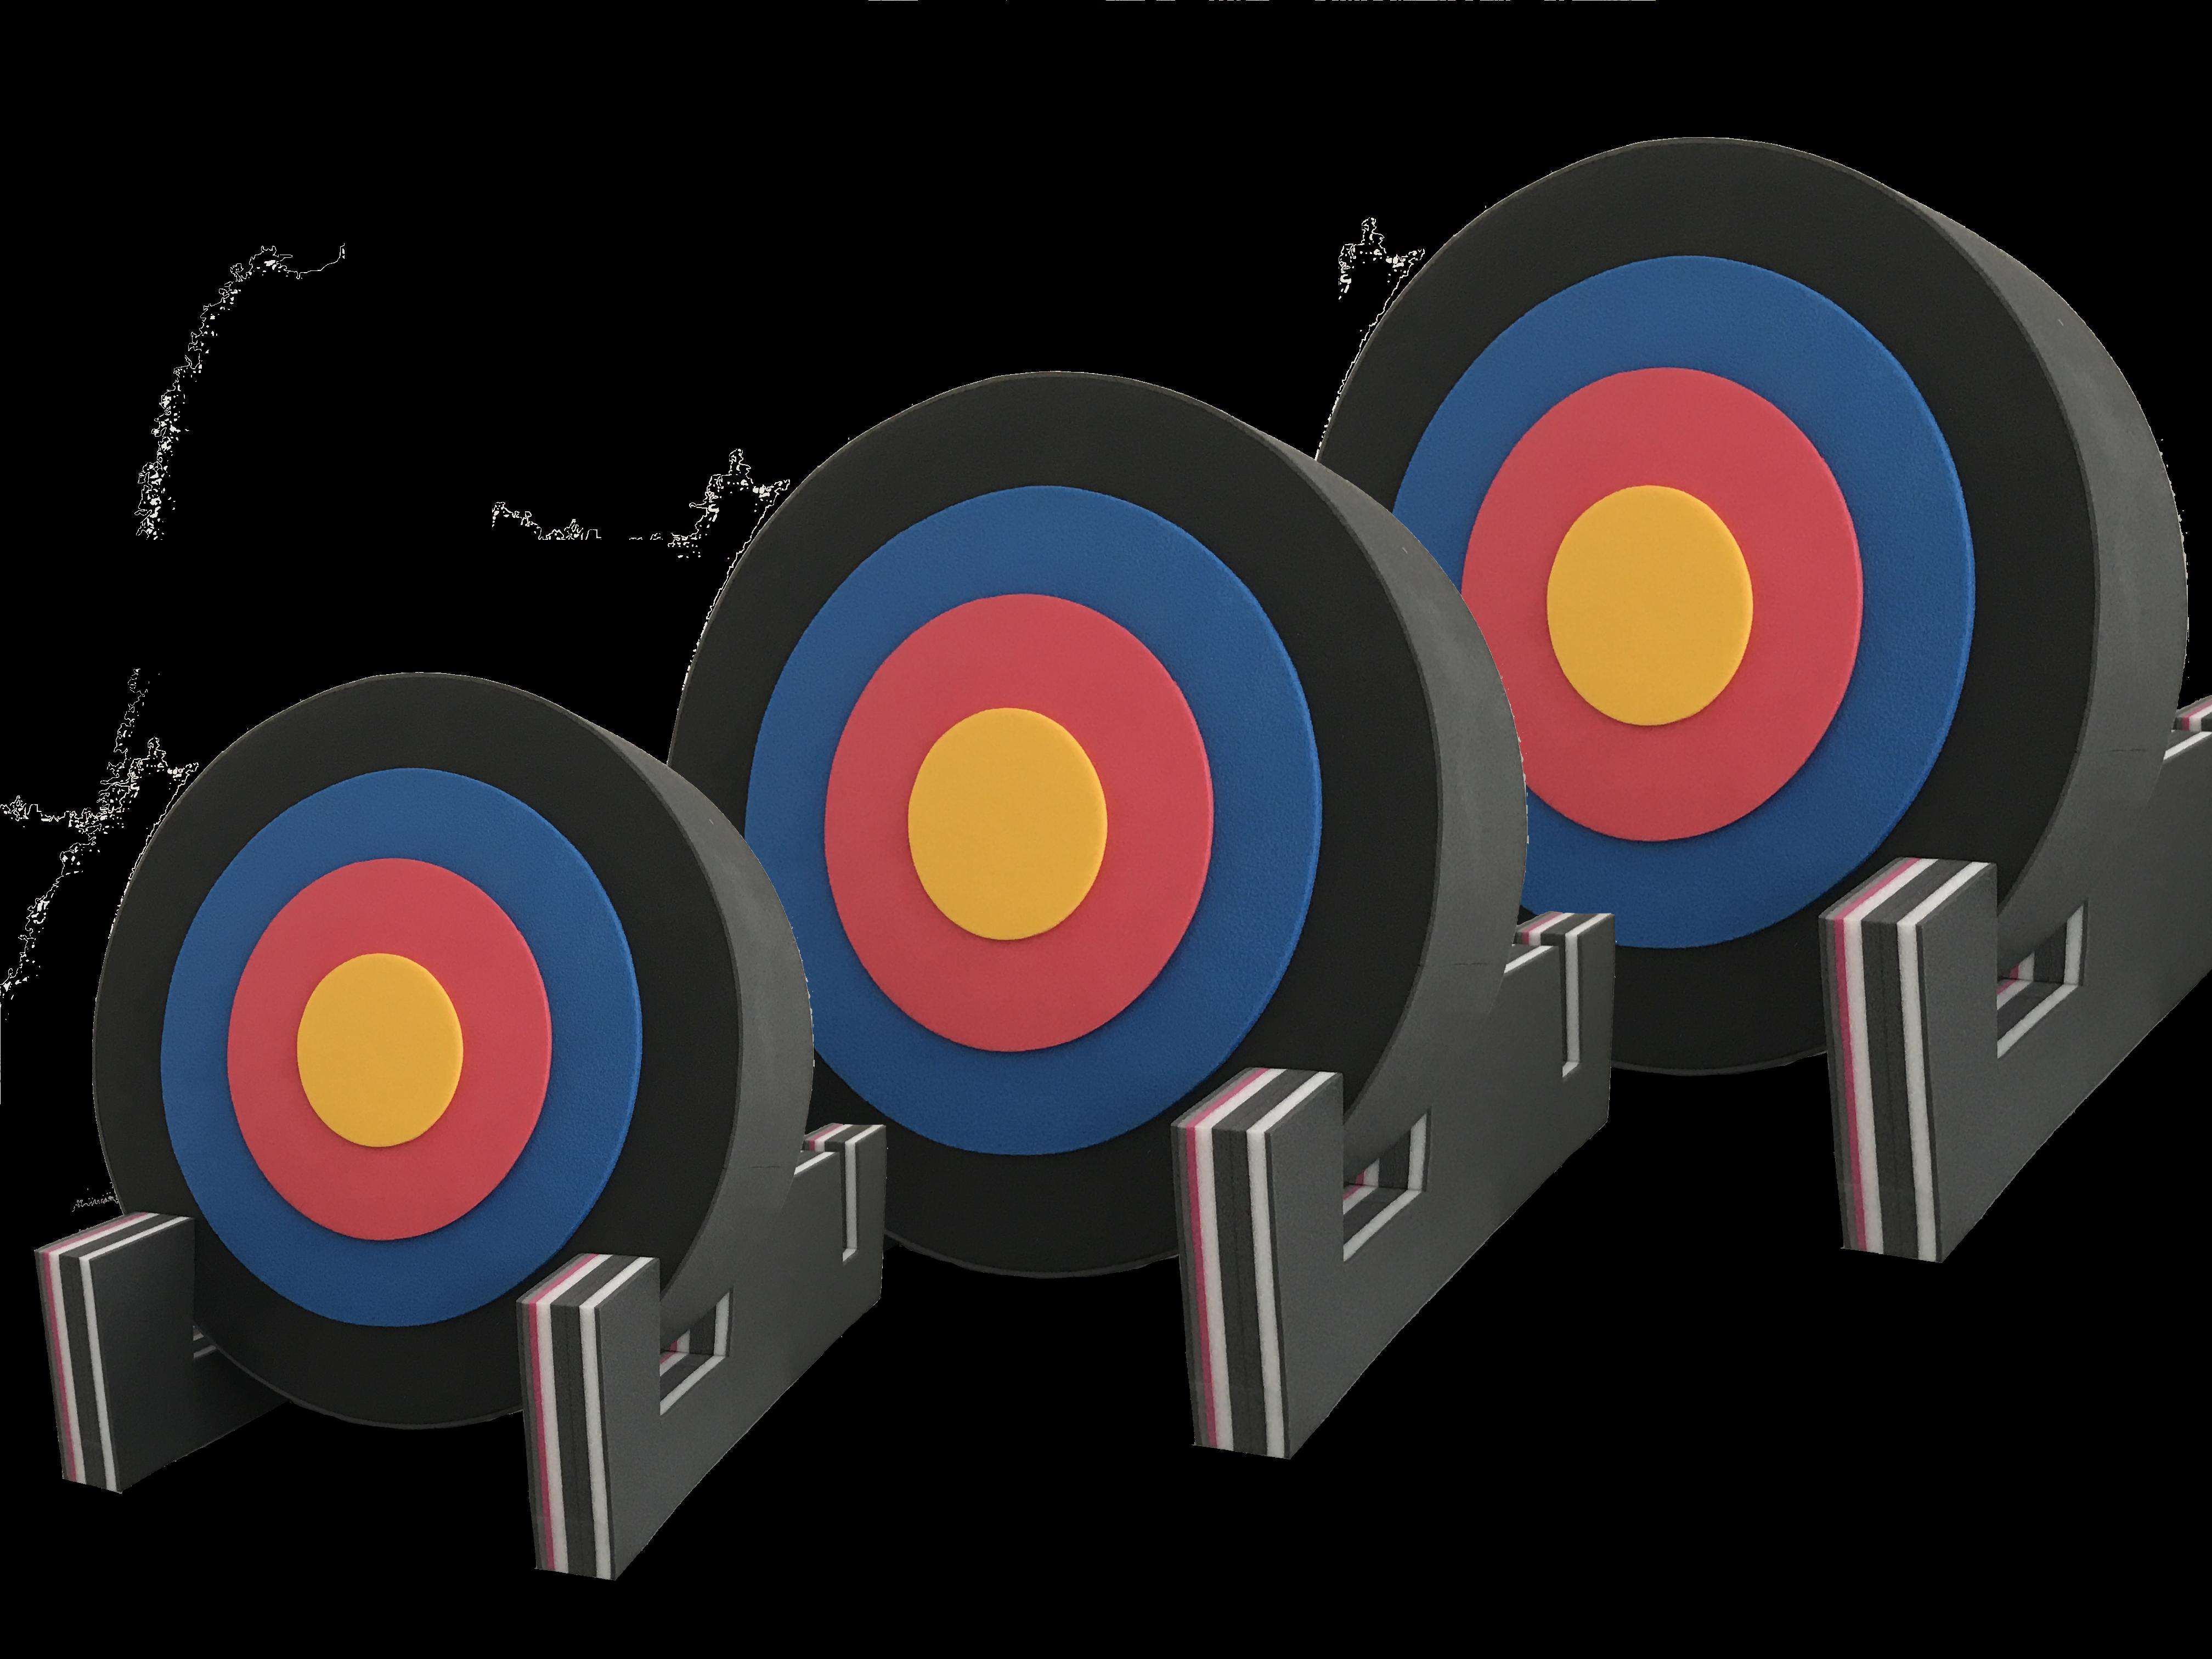 Zielscheiben Circle 2